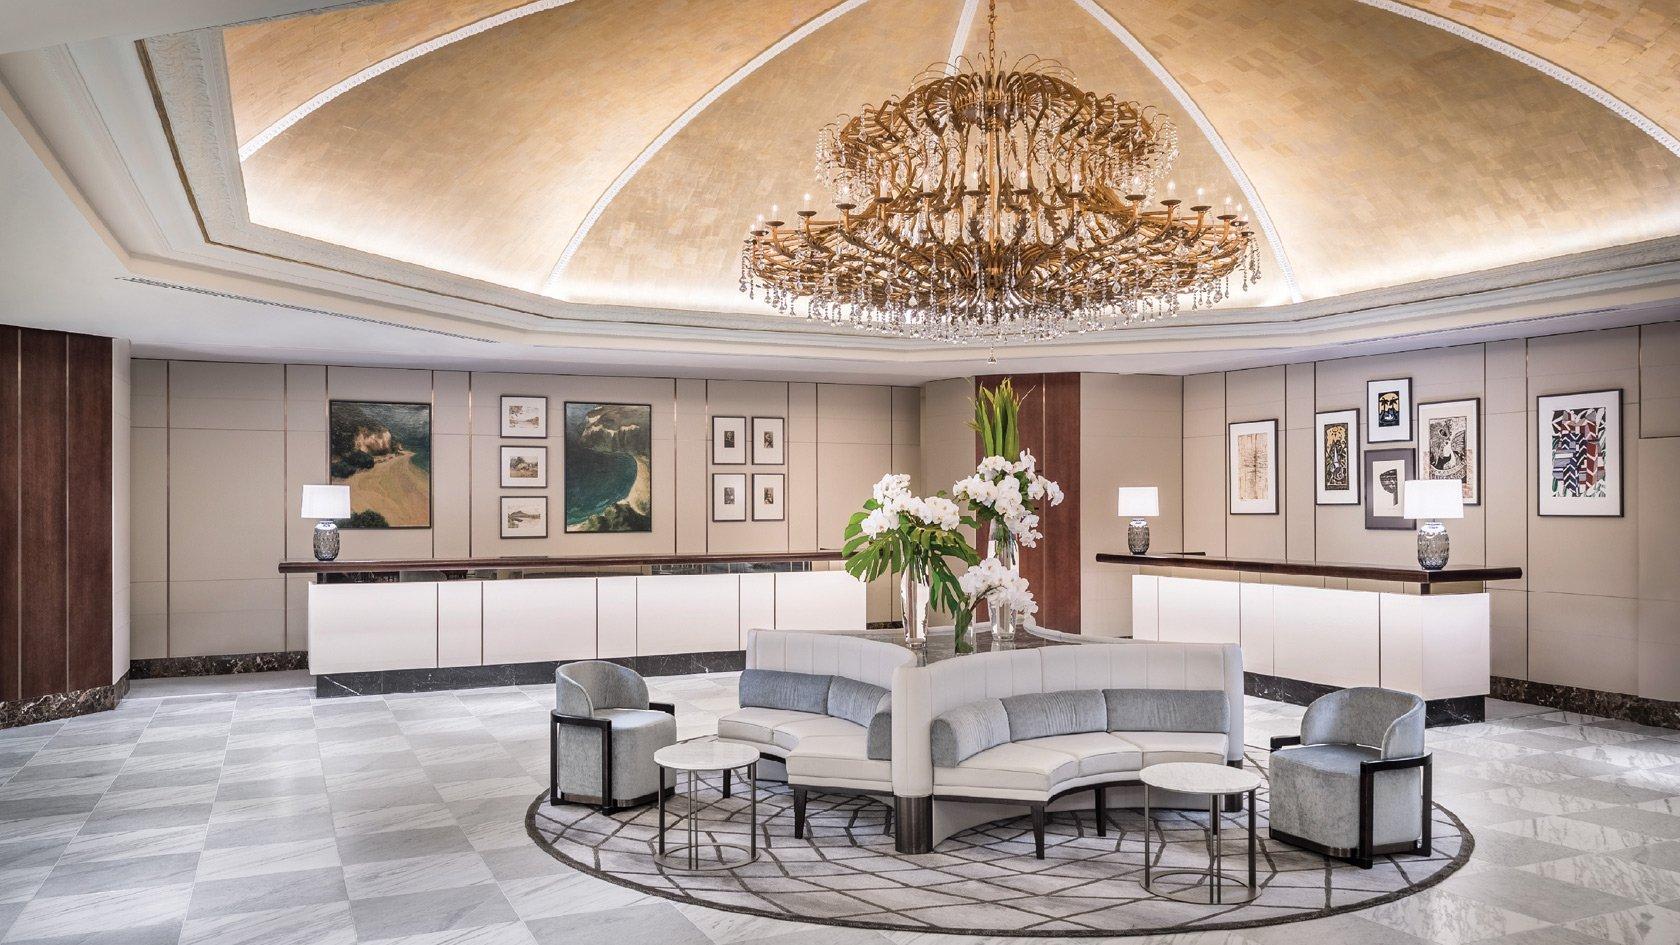 Cordis Auckland 5 star hotel lobby